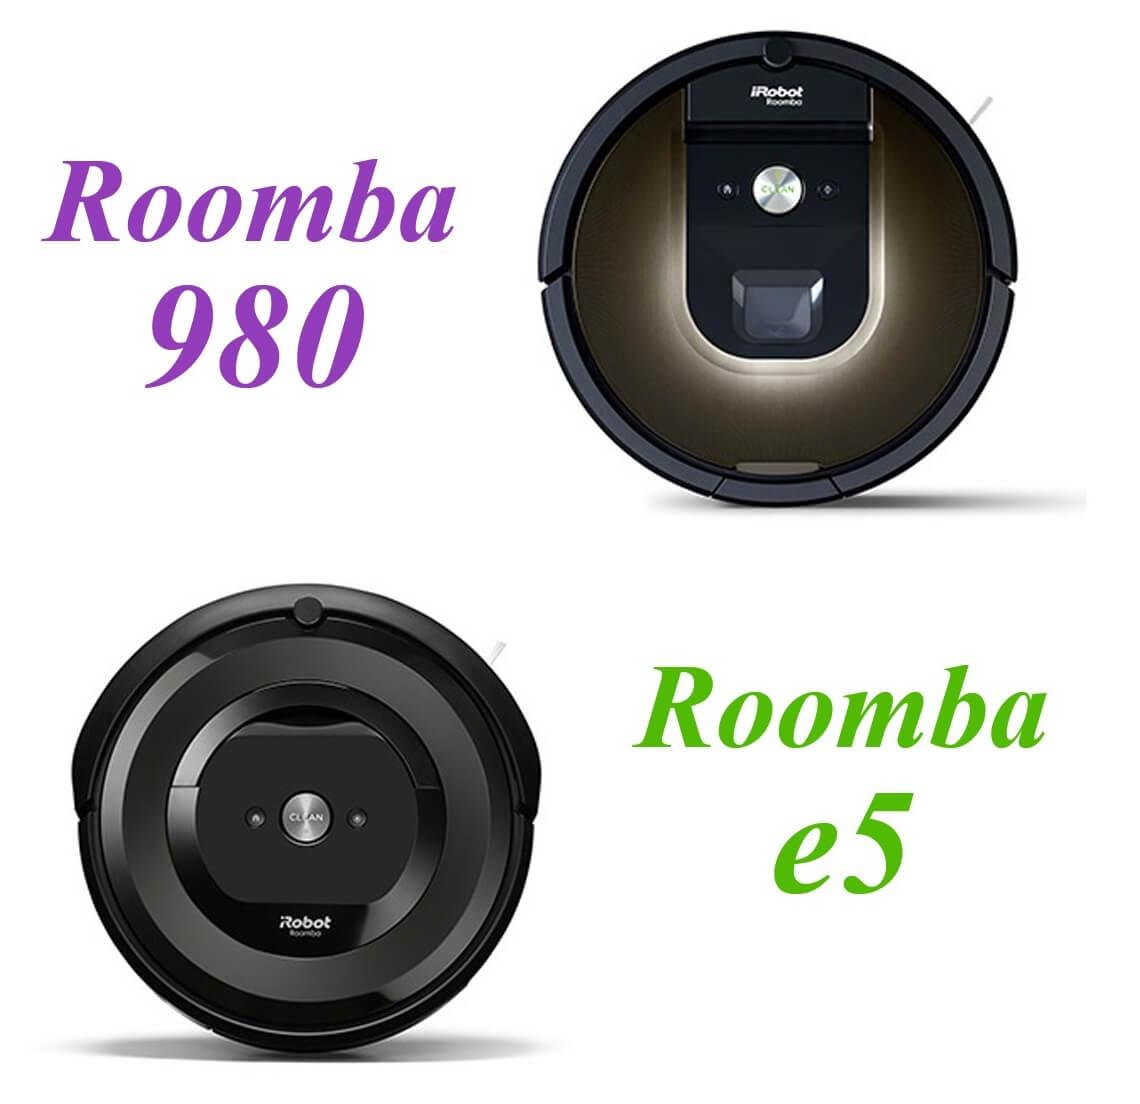 「ルンバ 980」vs「ルンバ e5」を6つのポイントで比較!